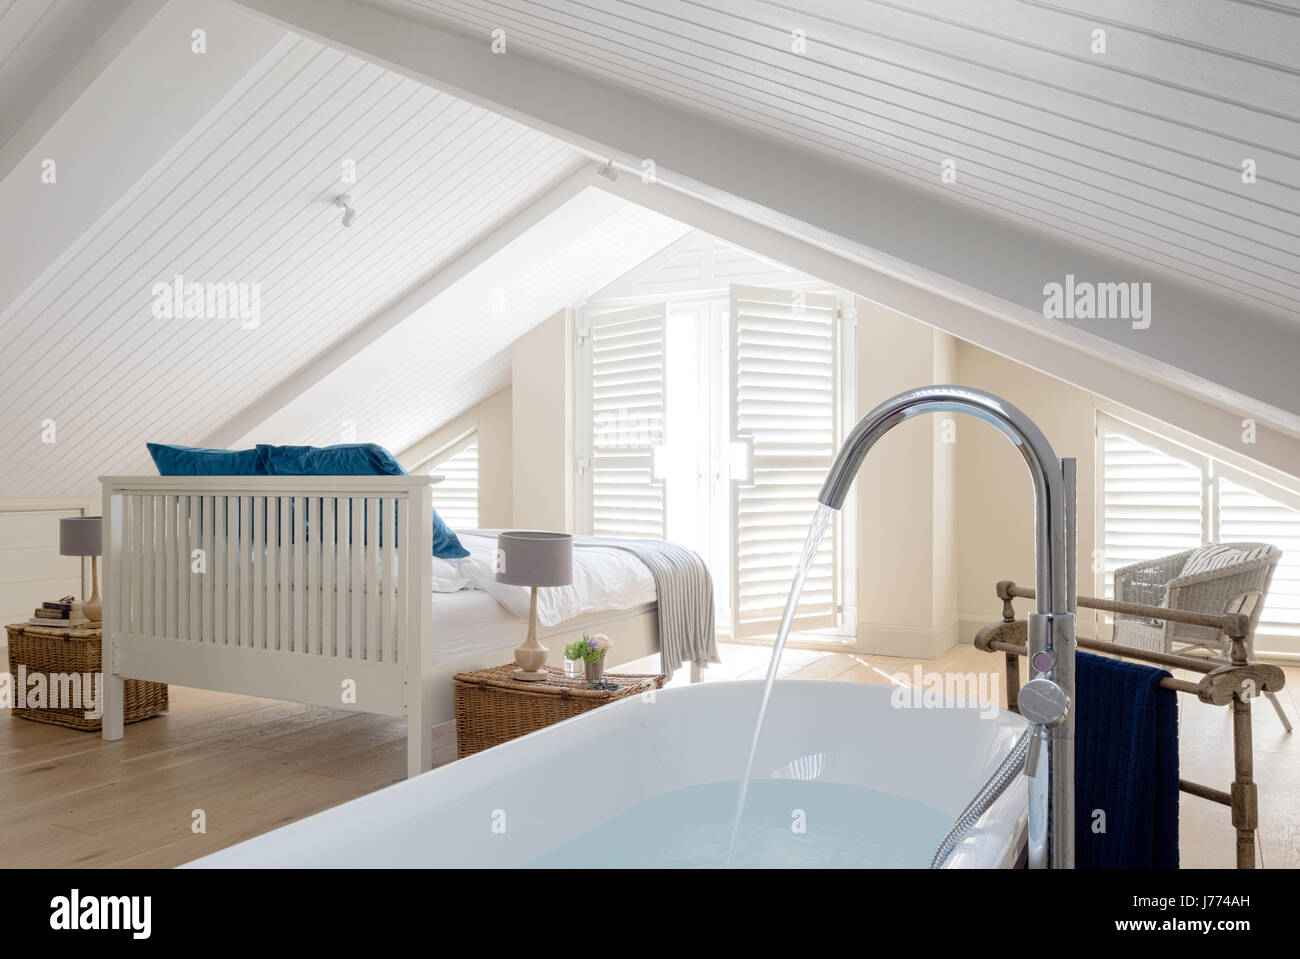 Freistehende Badewanne im Obergeschoss Schlafzimmer mit ...